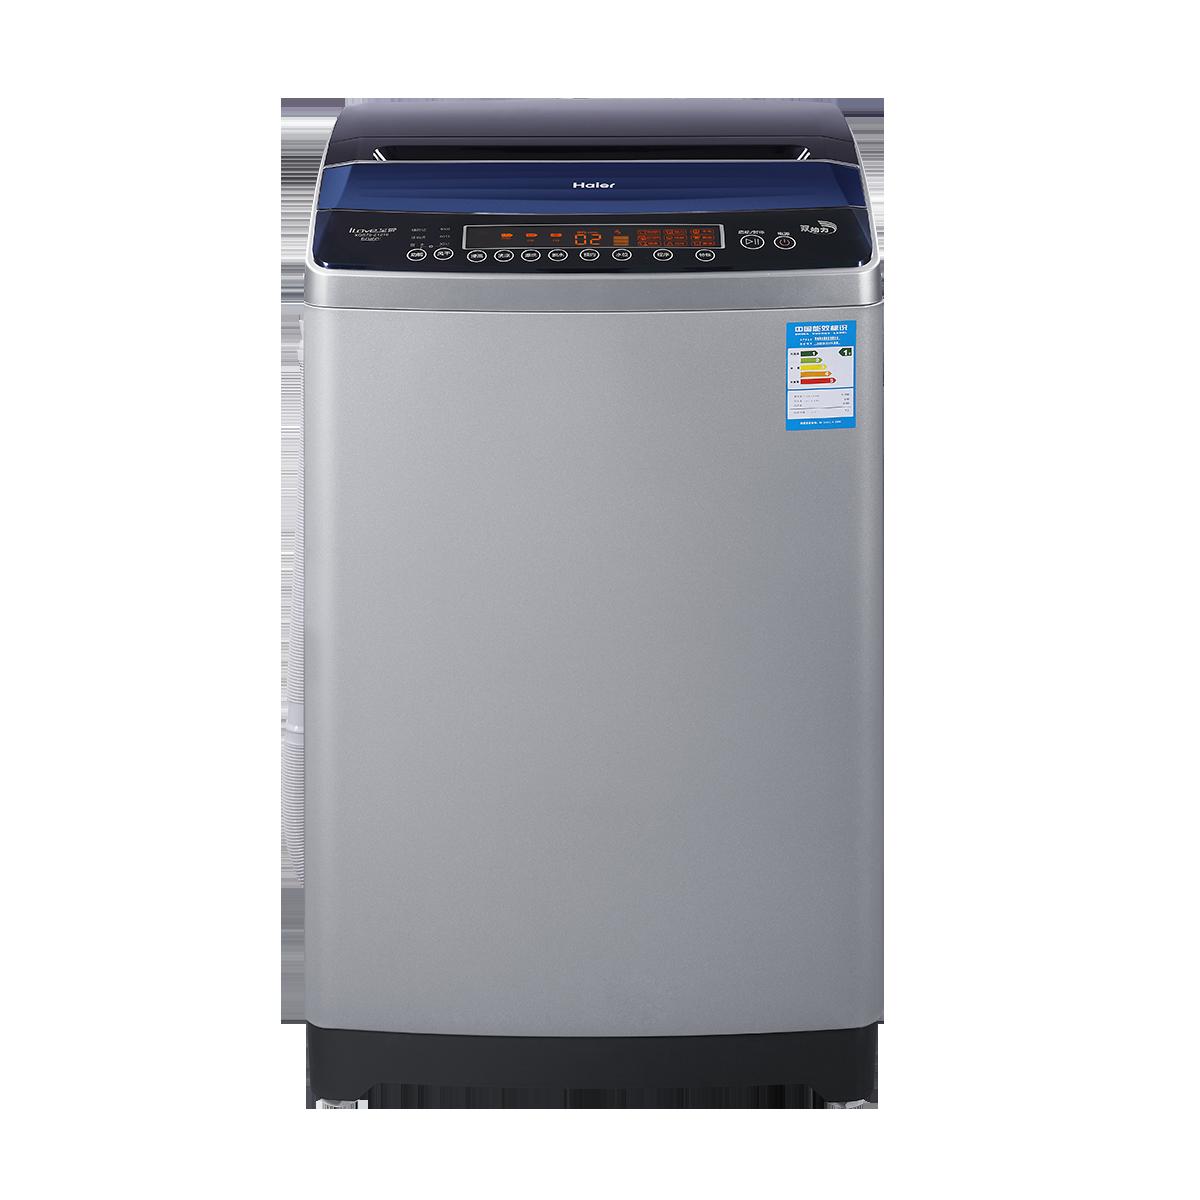 海尔Haier洗衣机 XQS75-Z1216 说明书